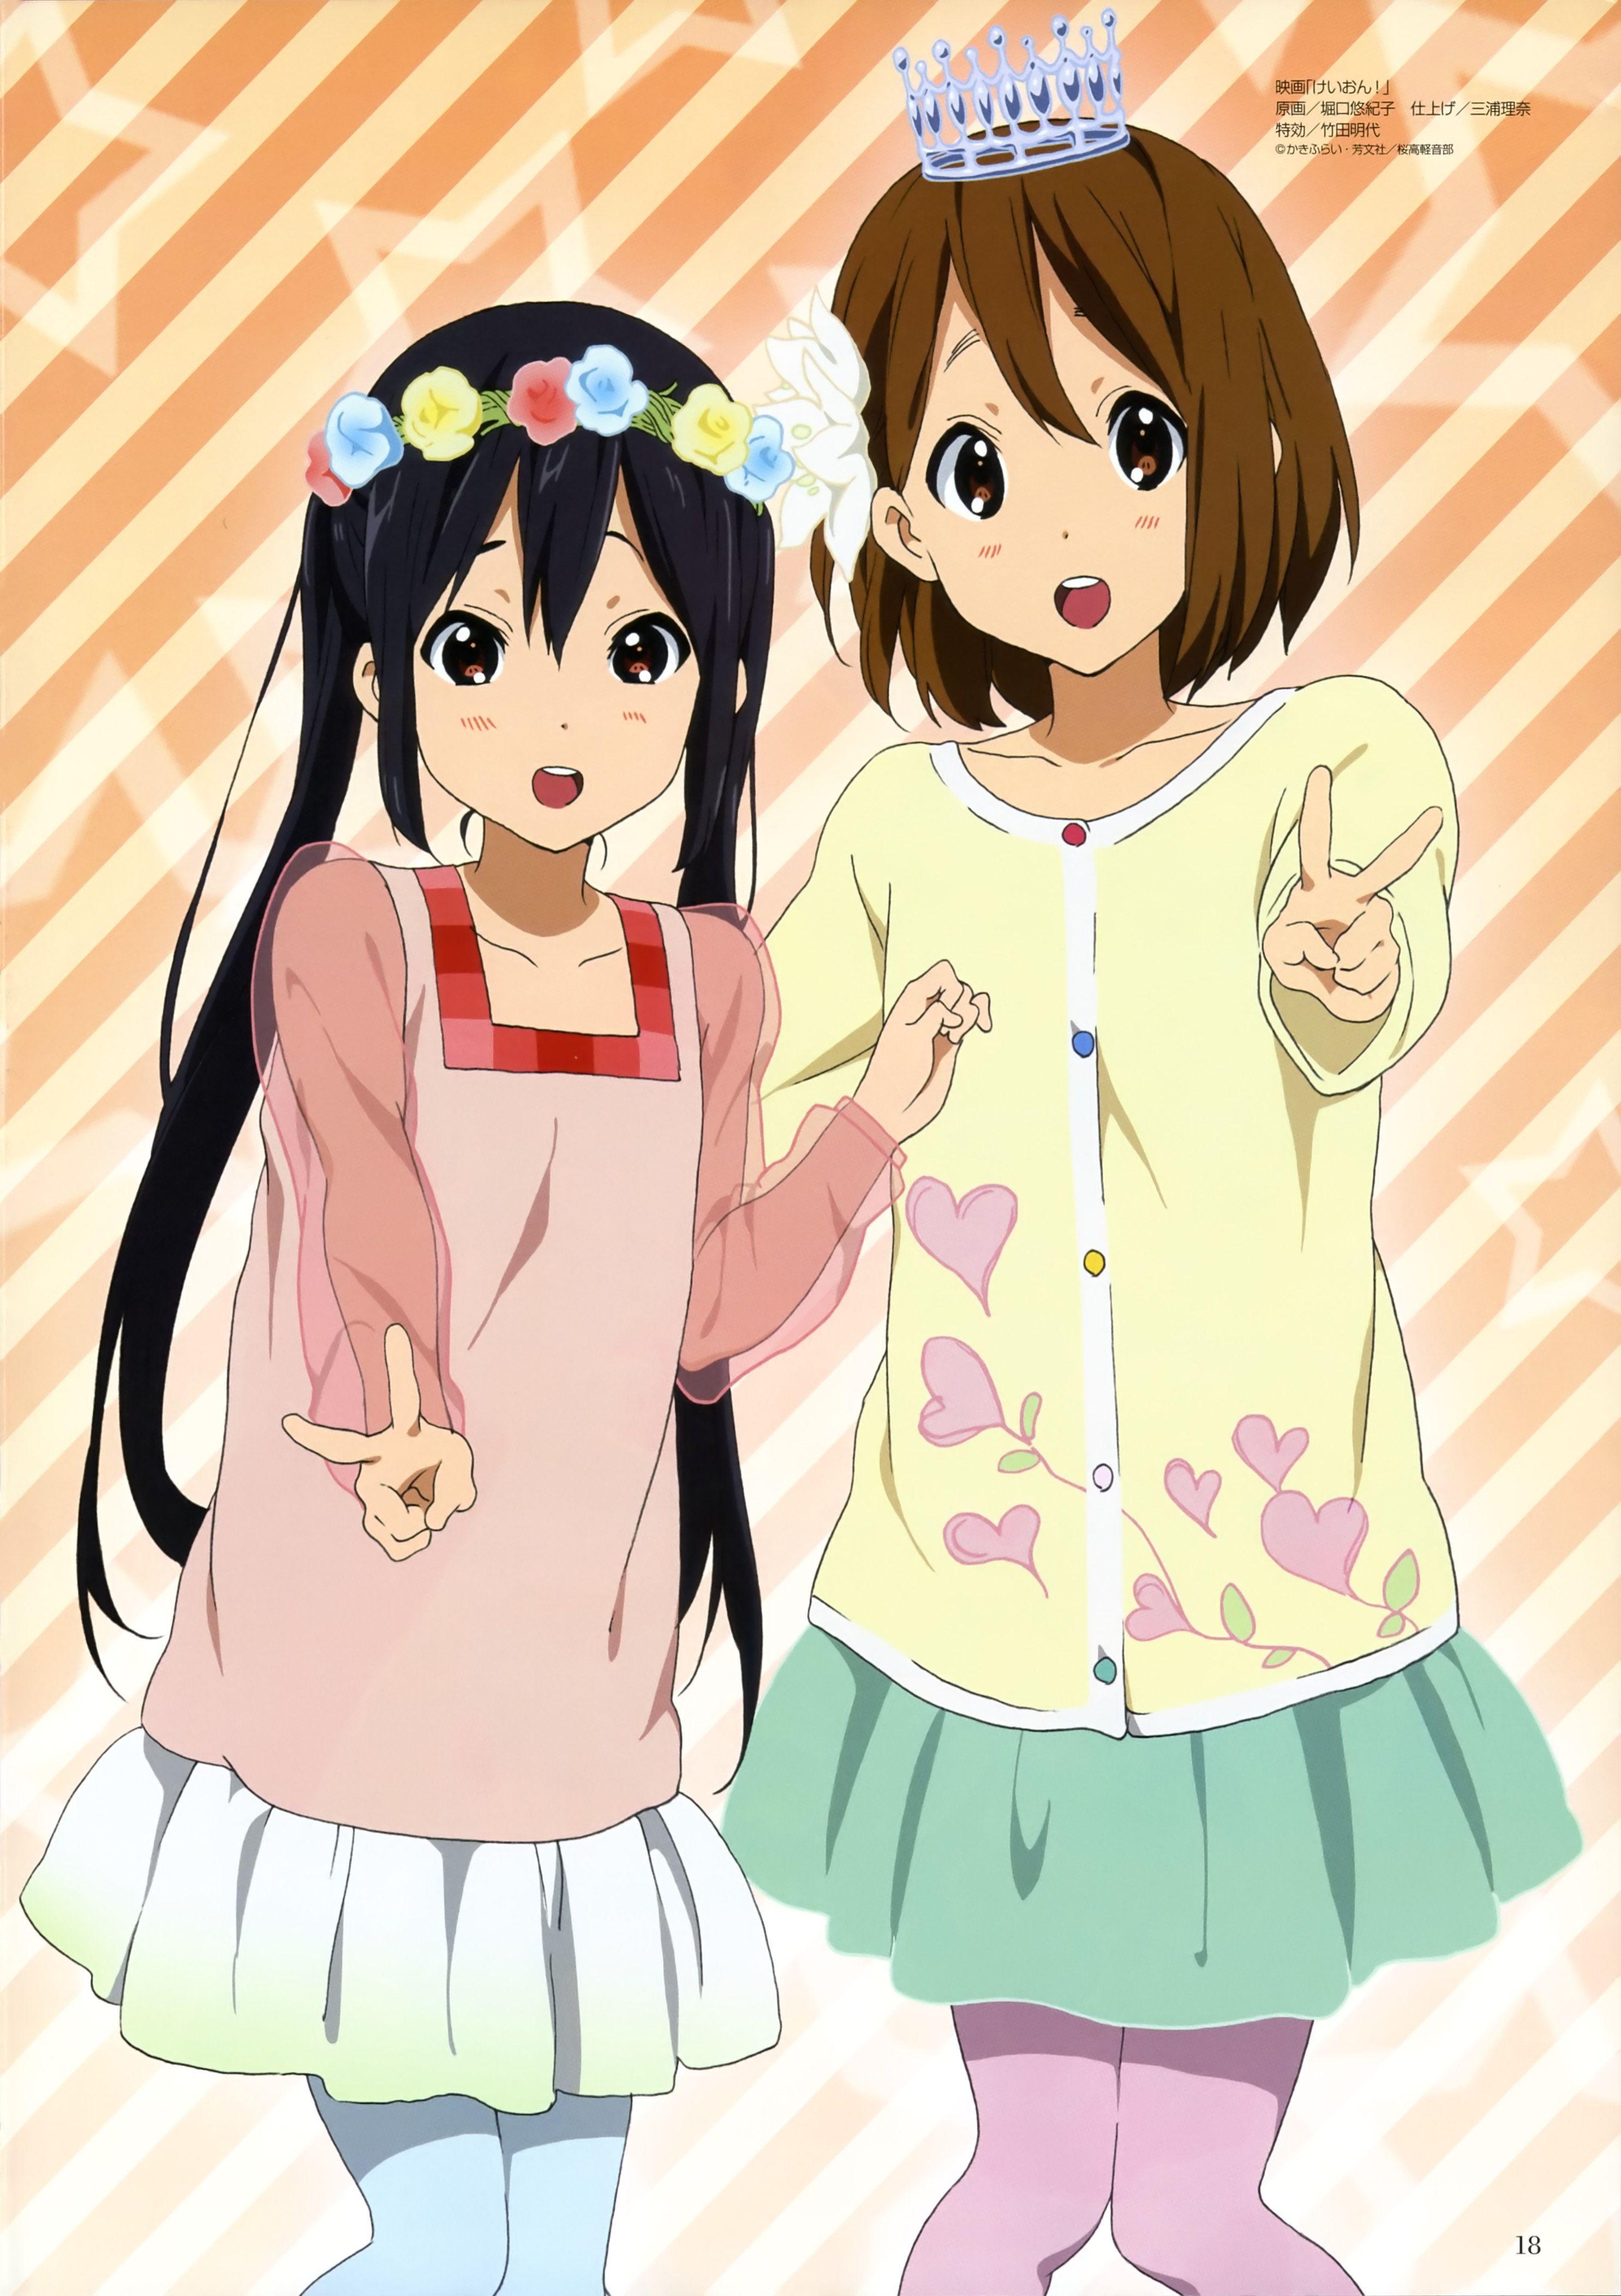 azusa x yui bff kon KON! Pinterest Bff, Anime and